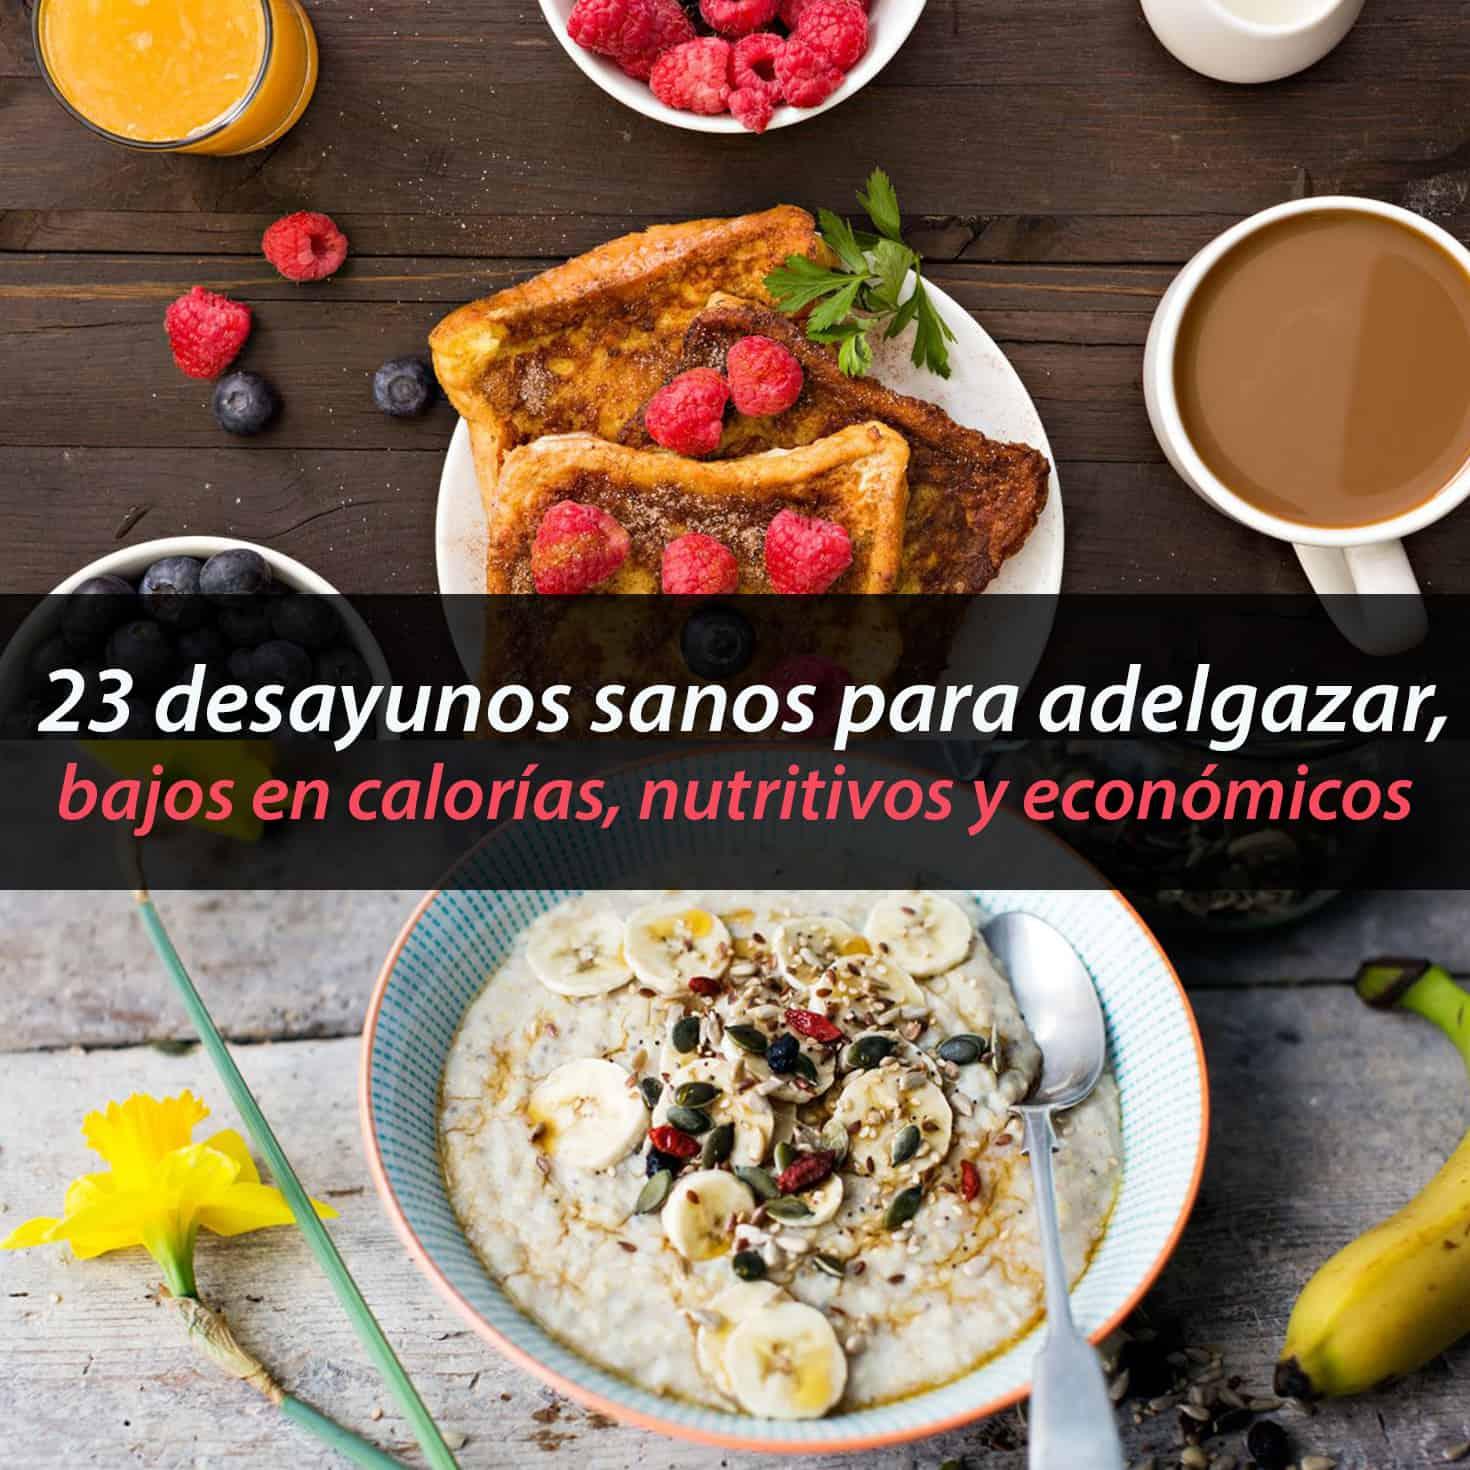 Desayunos para adelgazar abdomen y